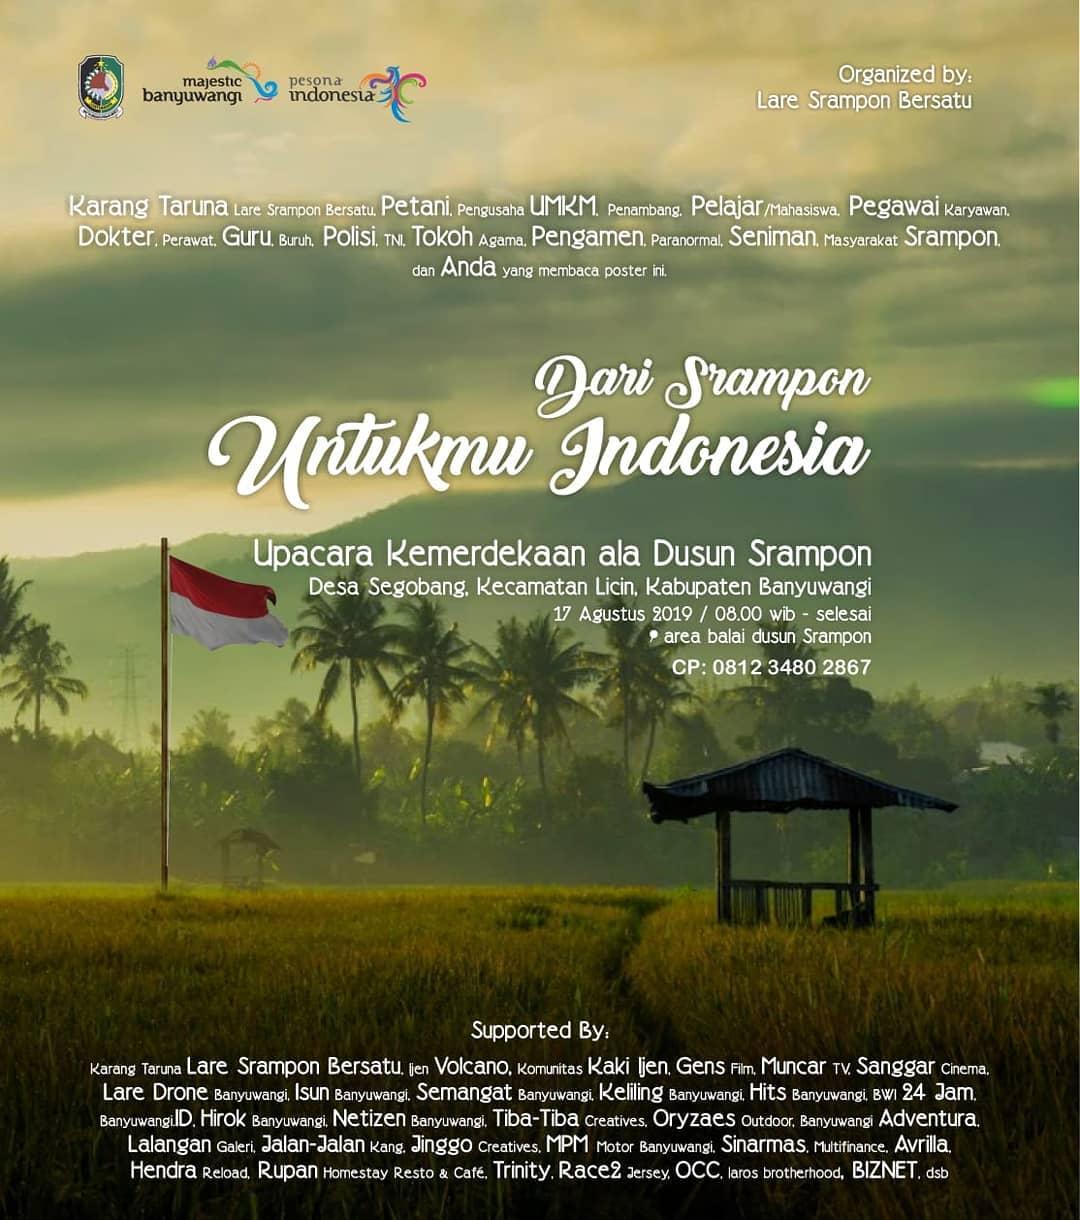 Noped On Twitter Ikut Upacara Kemerdekaan Ala Dusun